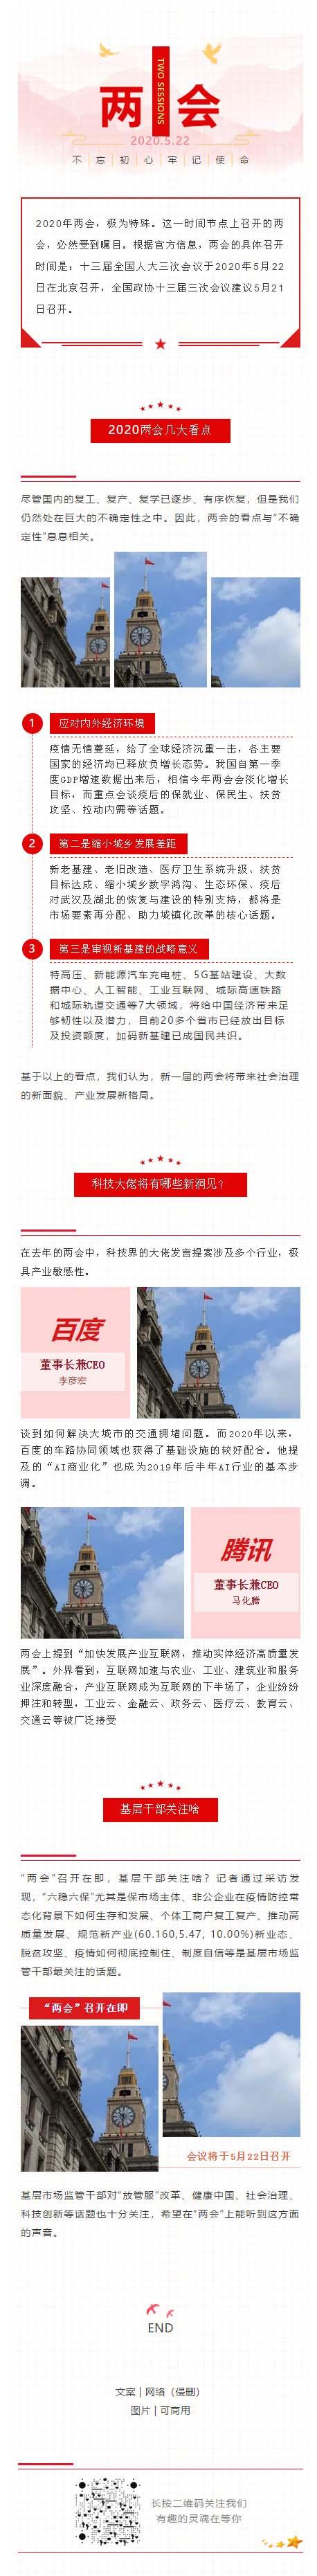 2020年两会推送图文模板微信公众号推文素材党政红色风格